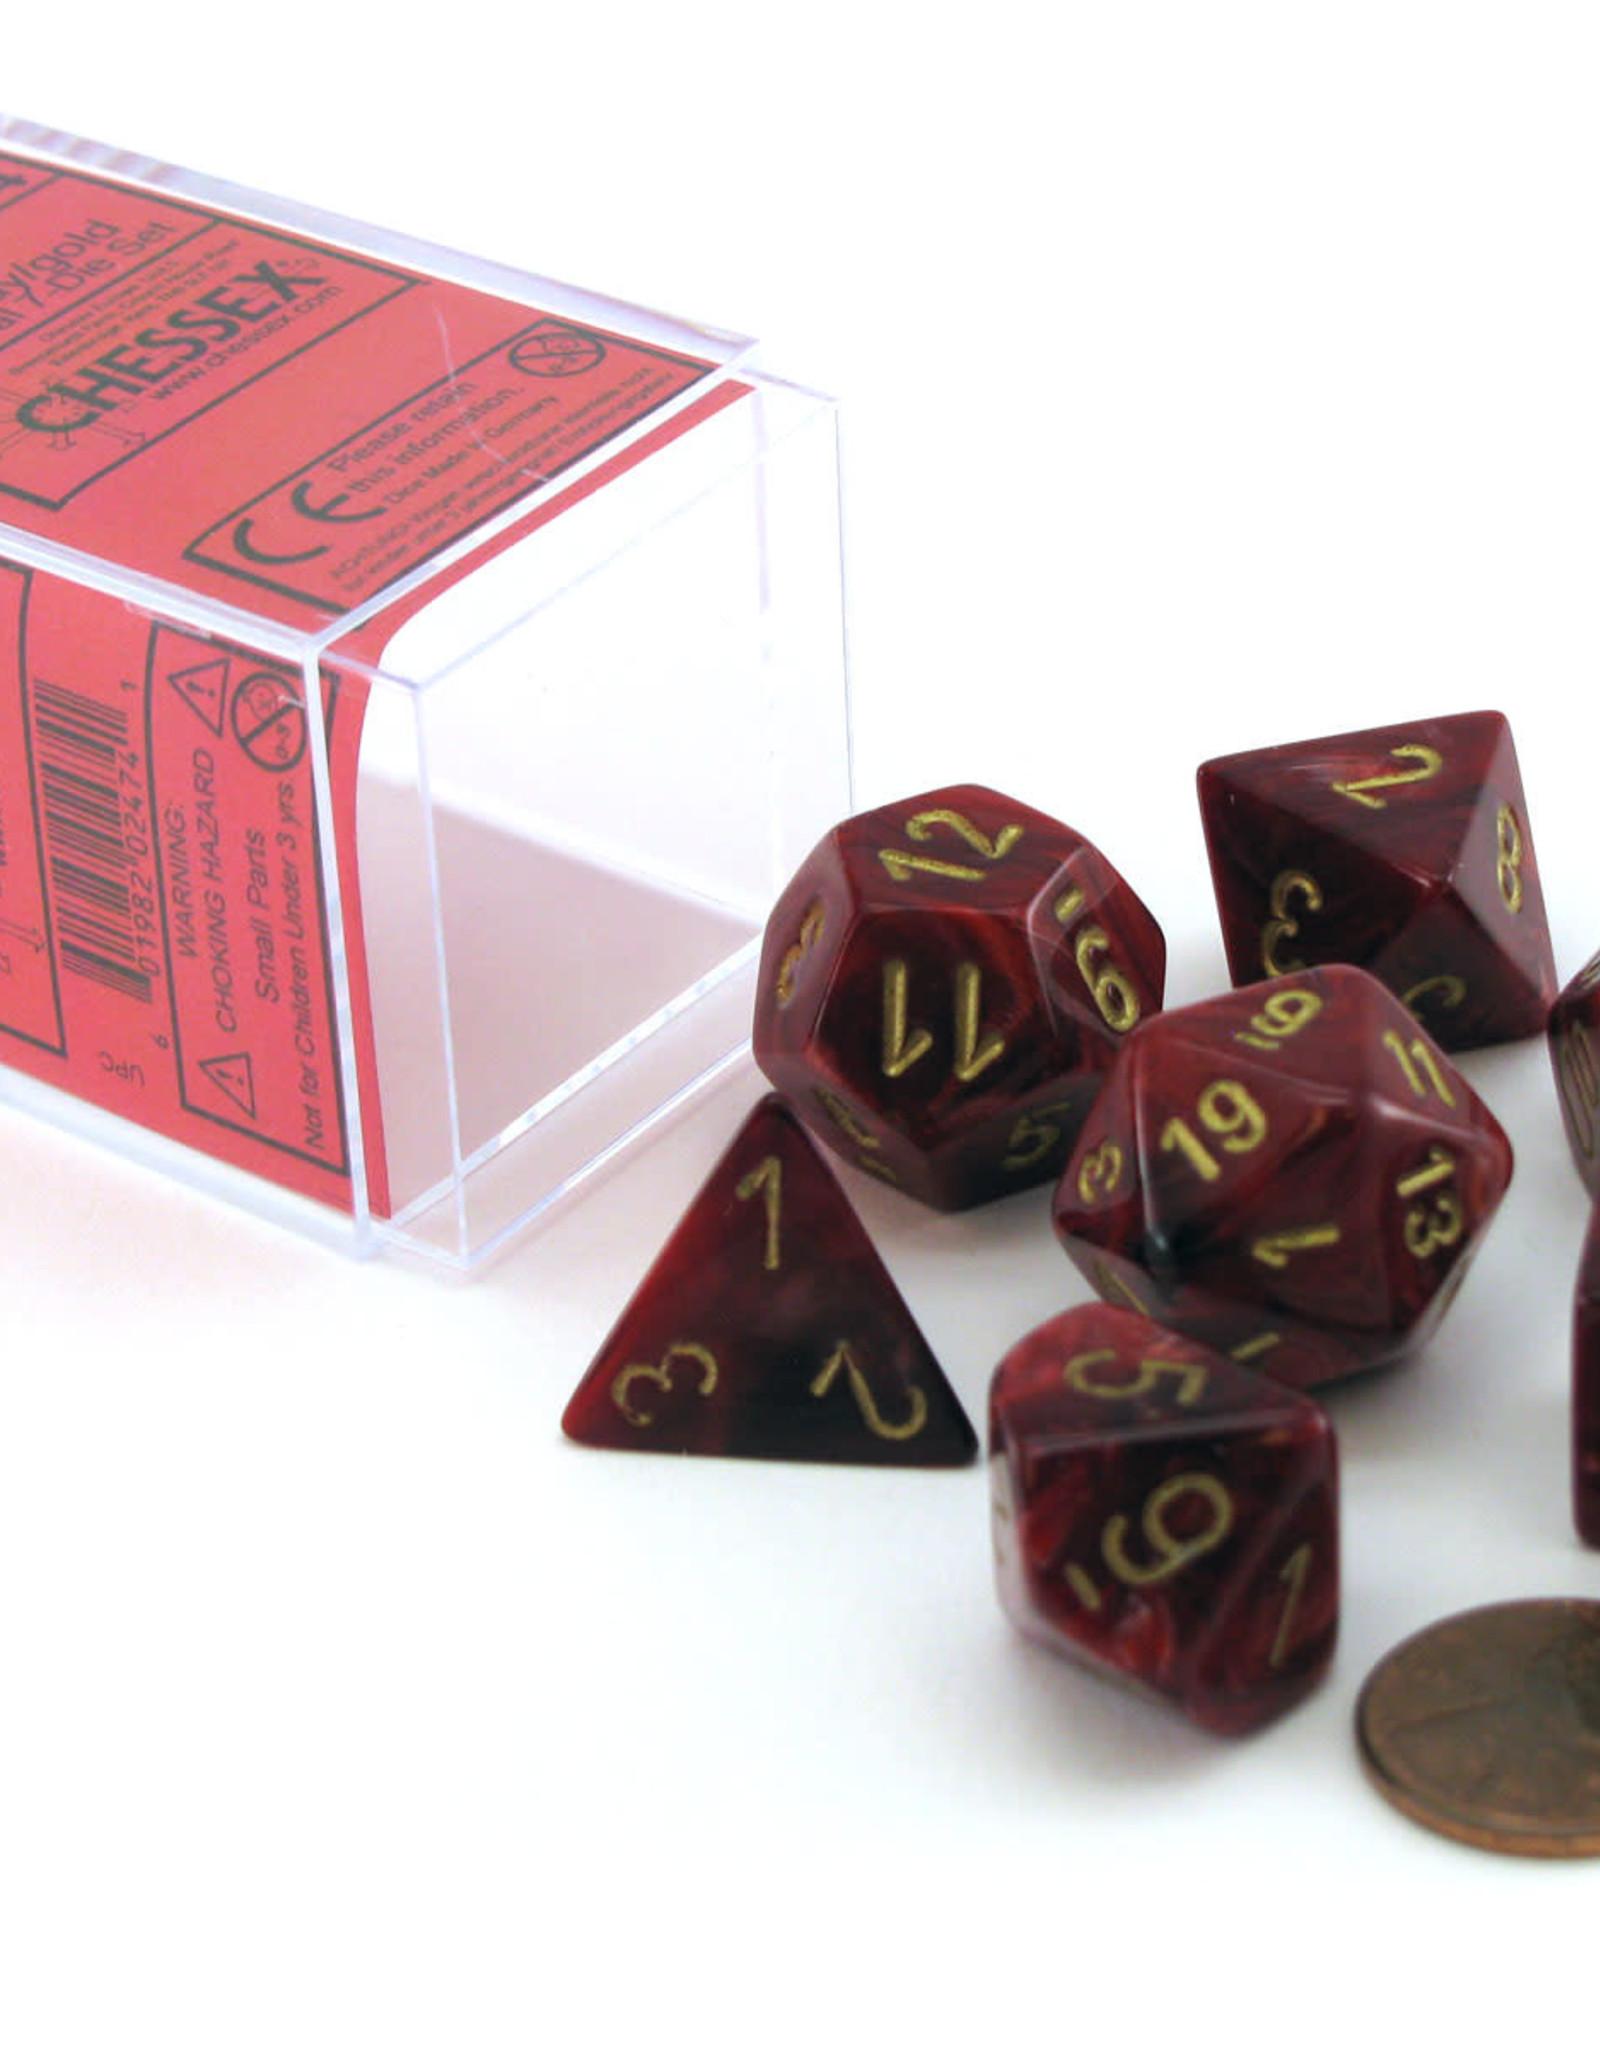 Chessex Dice Block 7ct. - Vortex Burgundy/Gold